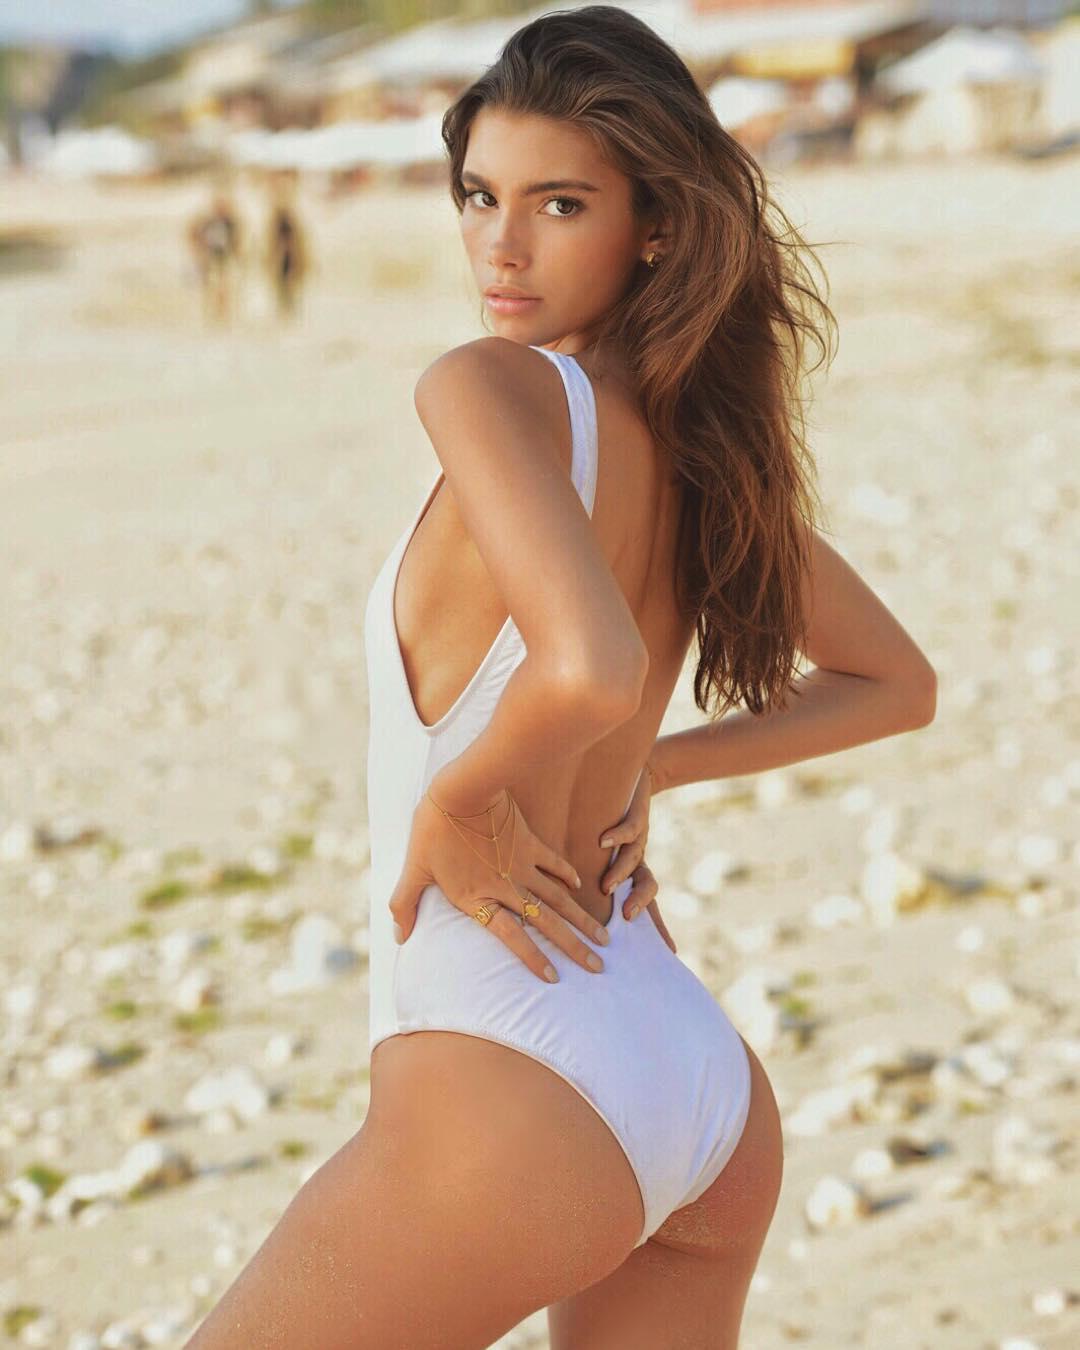 Девушка дня: бразильская модель Синди Мелло